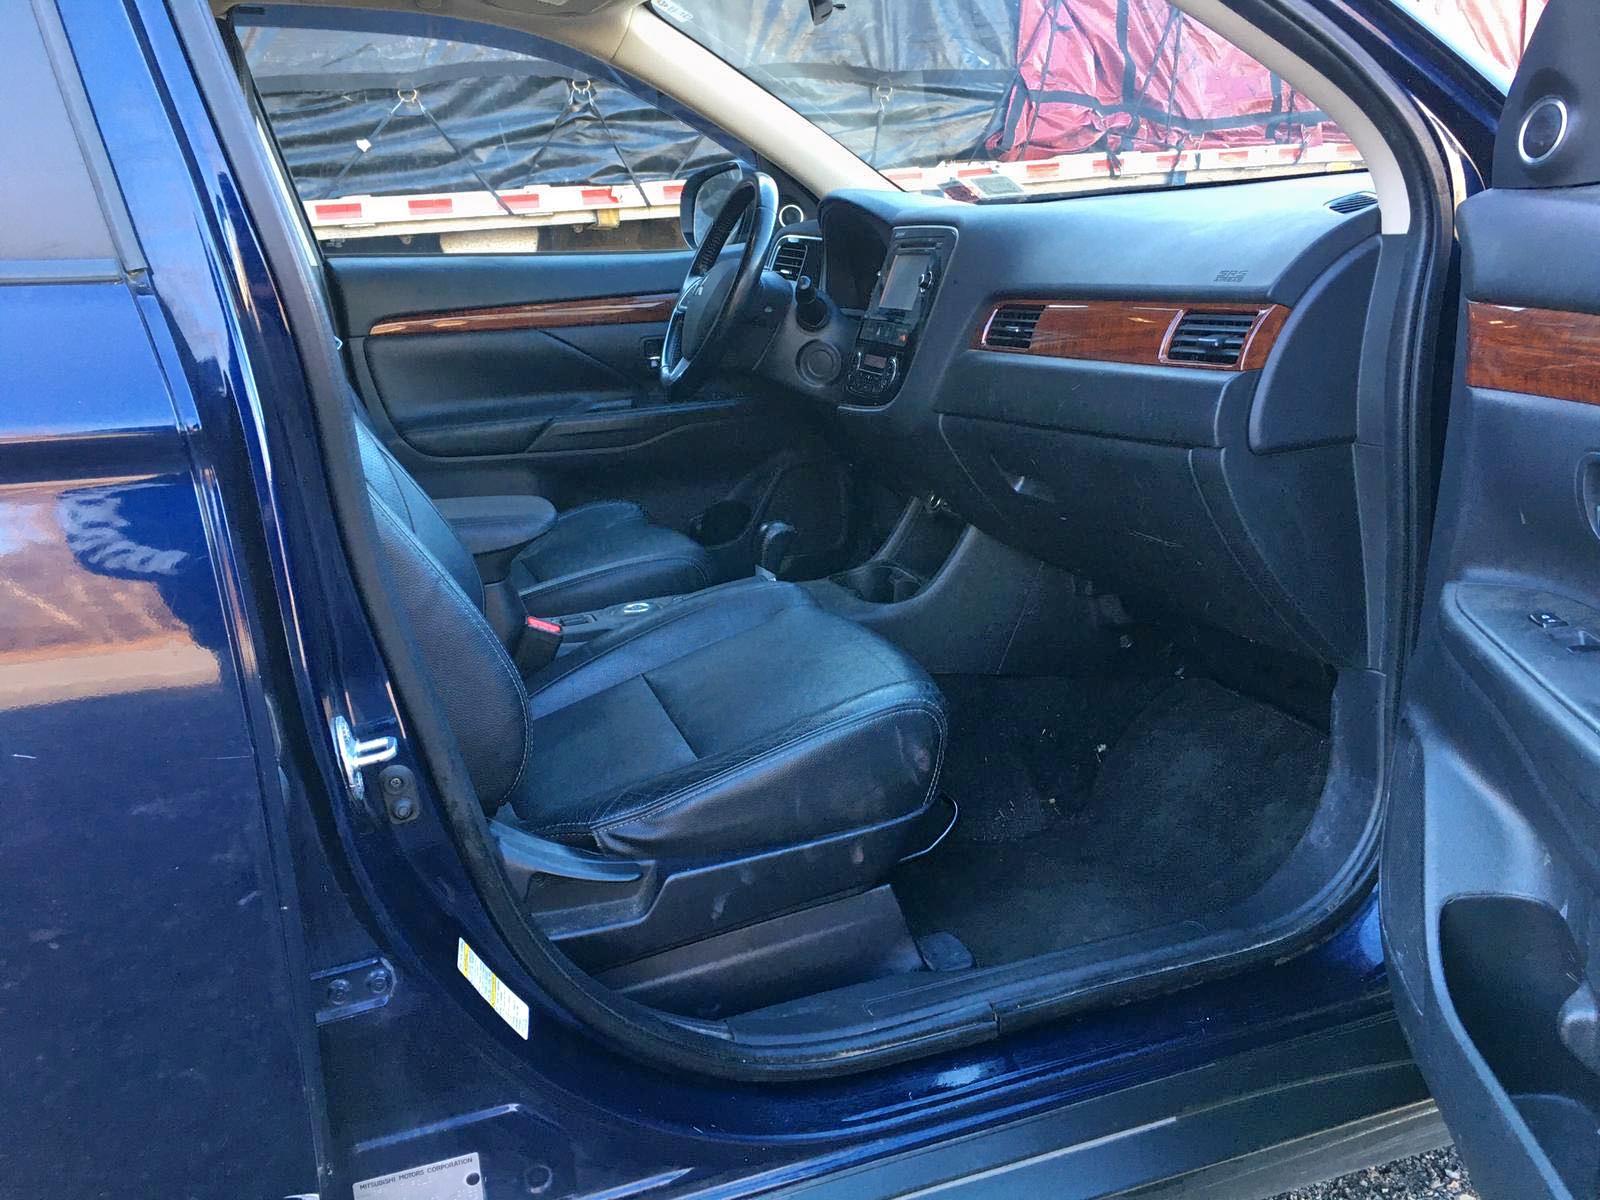 JA4AZ3A33EZ010863 - 2014 Mitsubishi Outlander 2.4L close up View